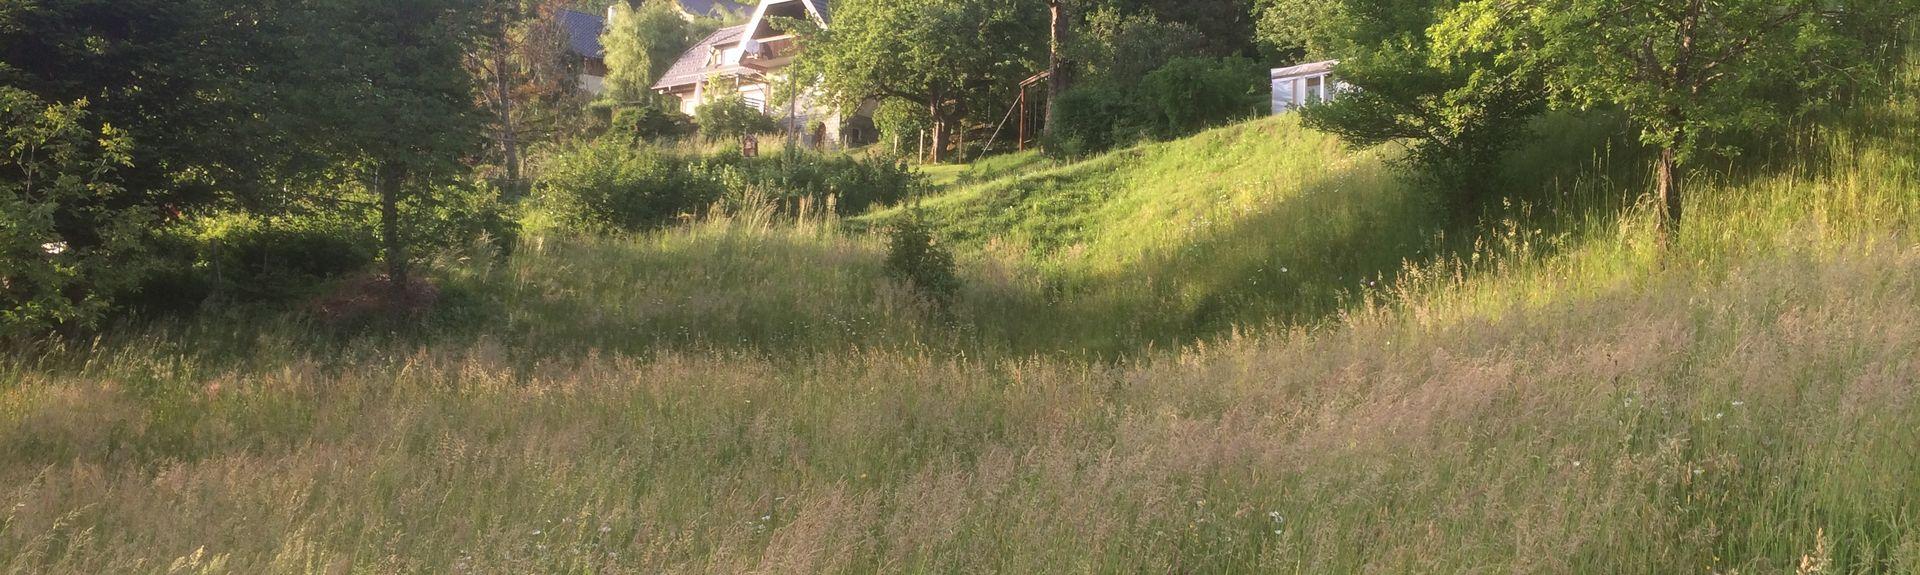 Trebesing, Carintia, Austria